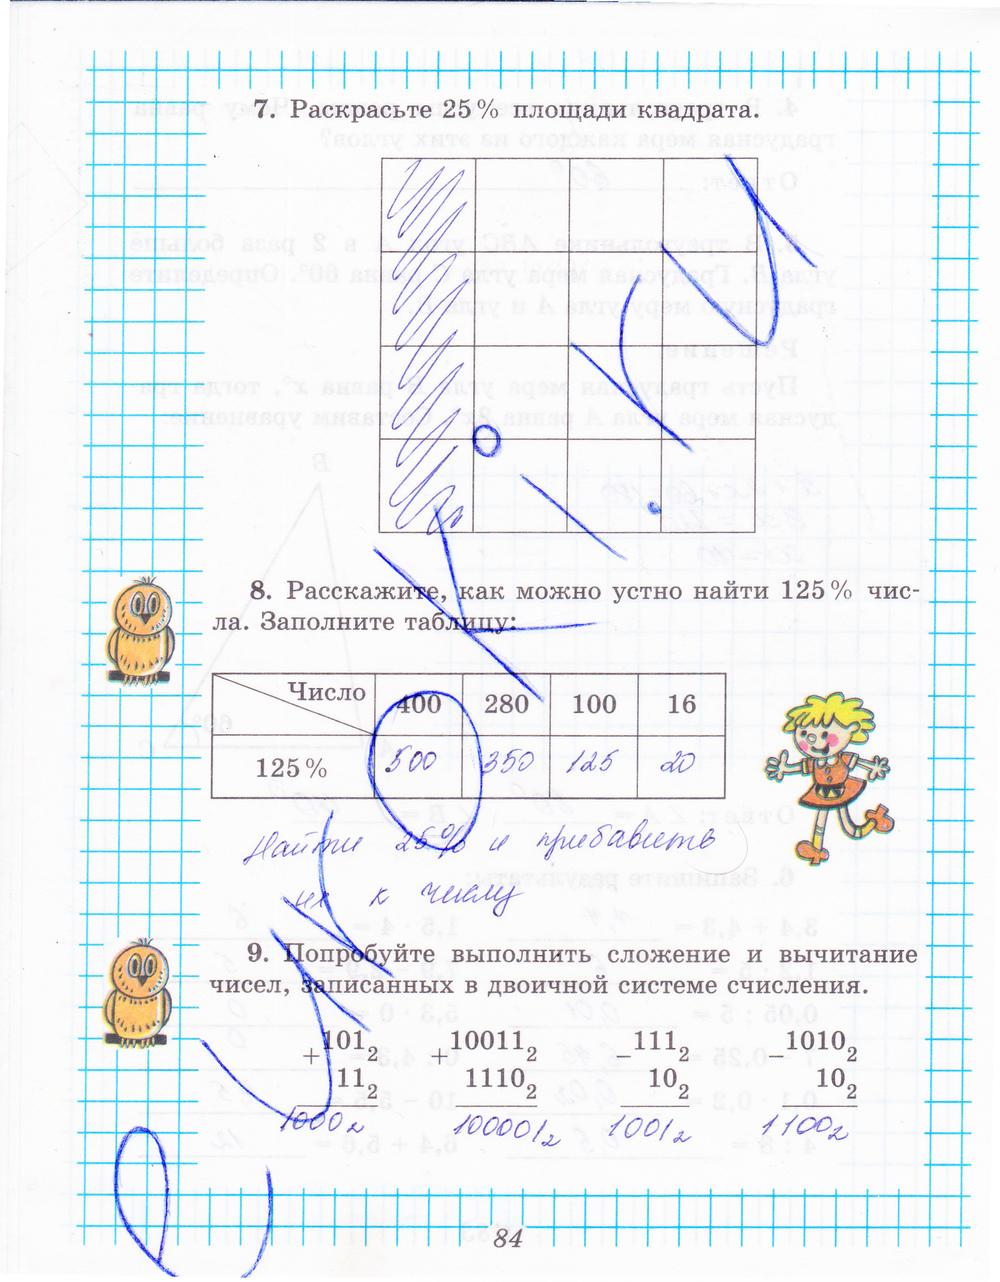 ГДЗ по математике 5 класс рабочая тетрадь Рудницкая Часть 1, 2. Задание: стр. 84